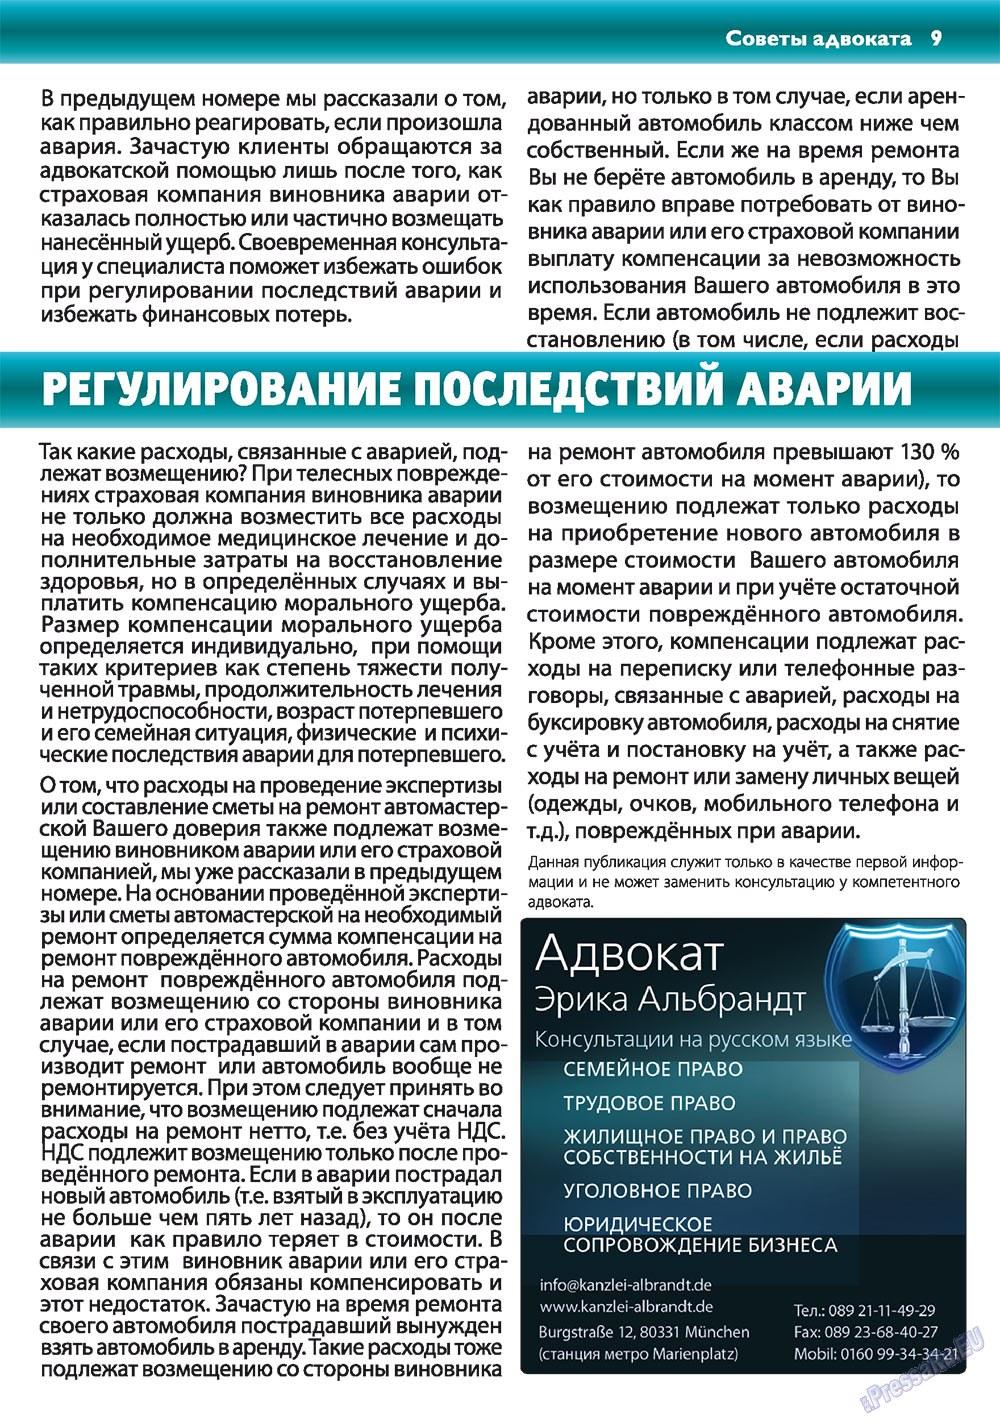 Апельсин (журнал). 2010 год, номер 12, стр. 9